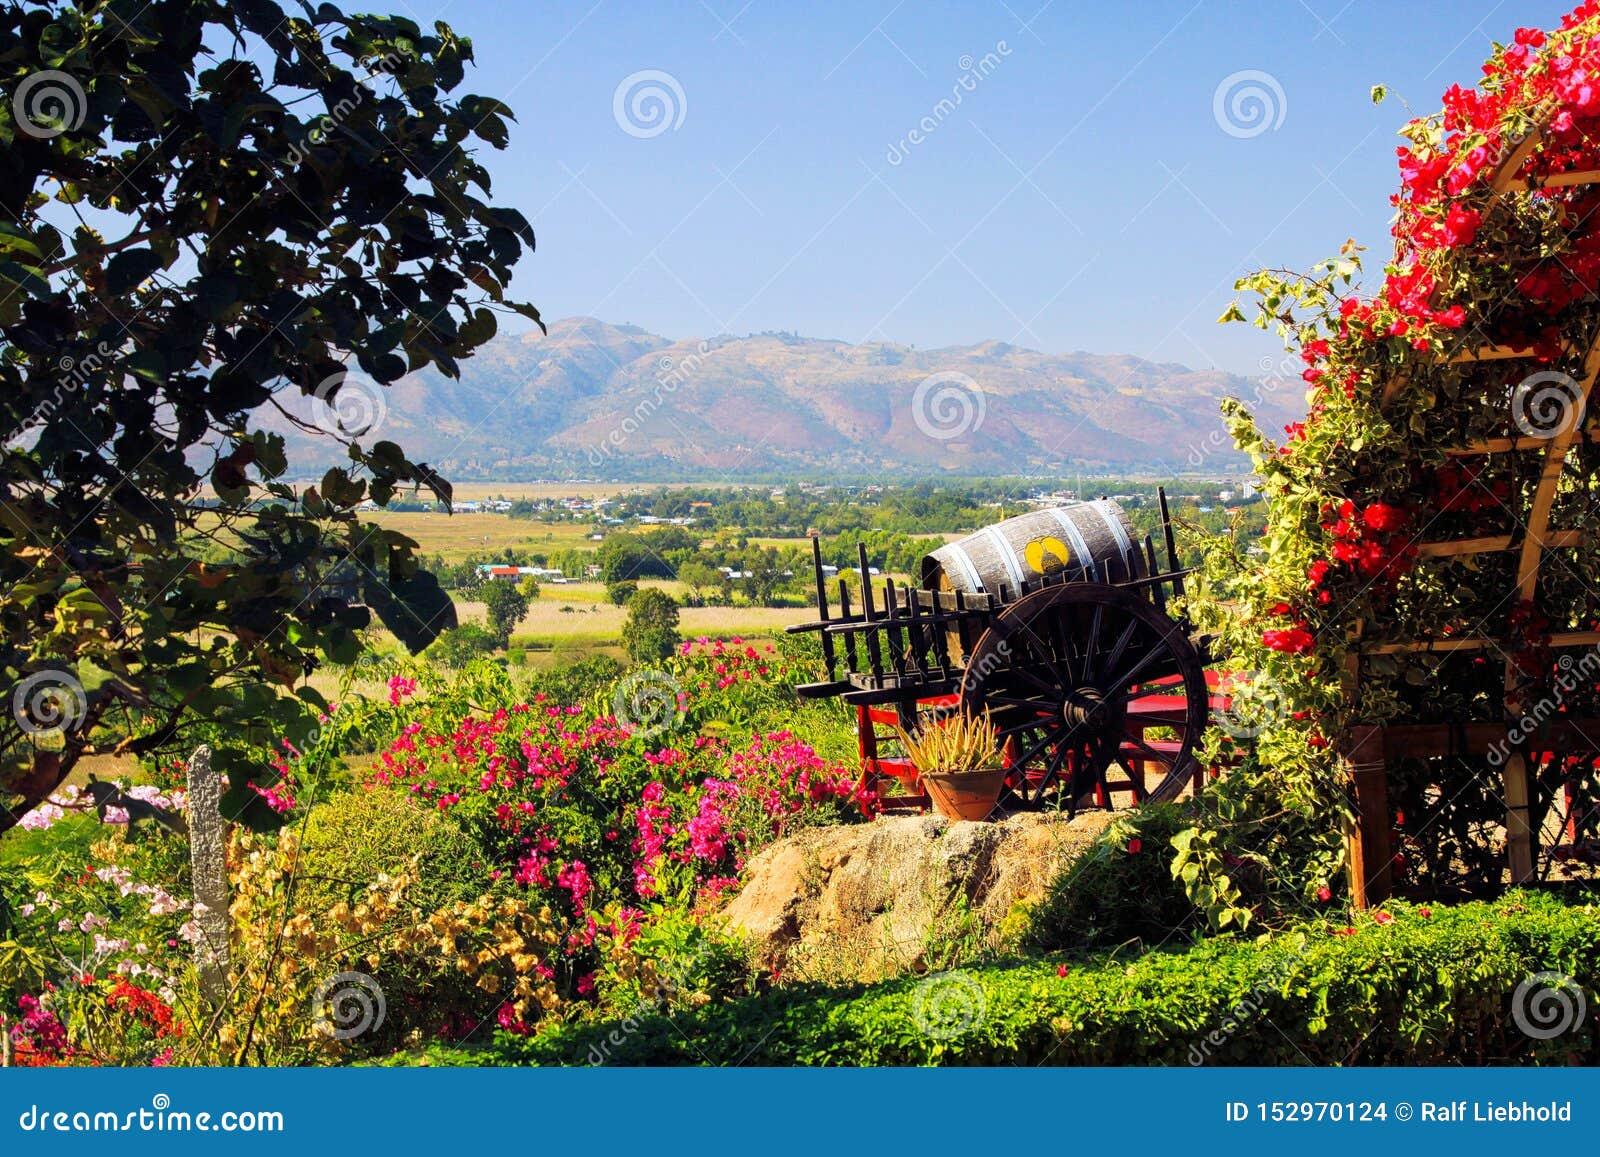 从葡萄园在小山上面在花之外和葡萄酒桶的全景到村庄Nyaungshwe和山脉里绿色山谷